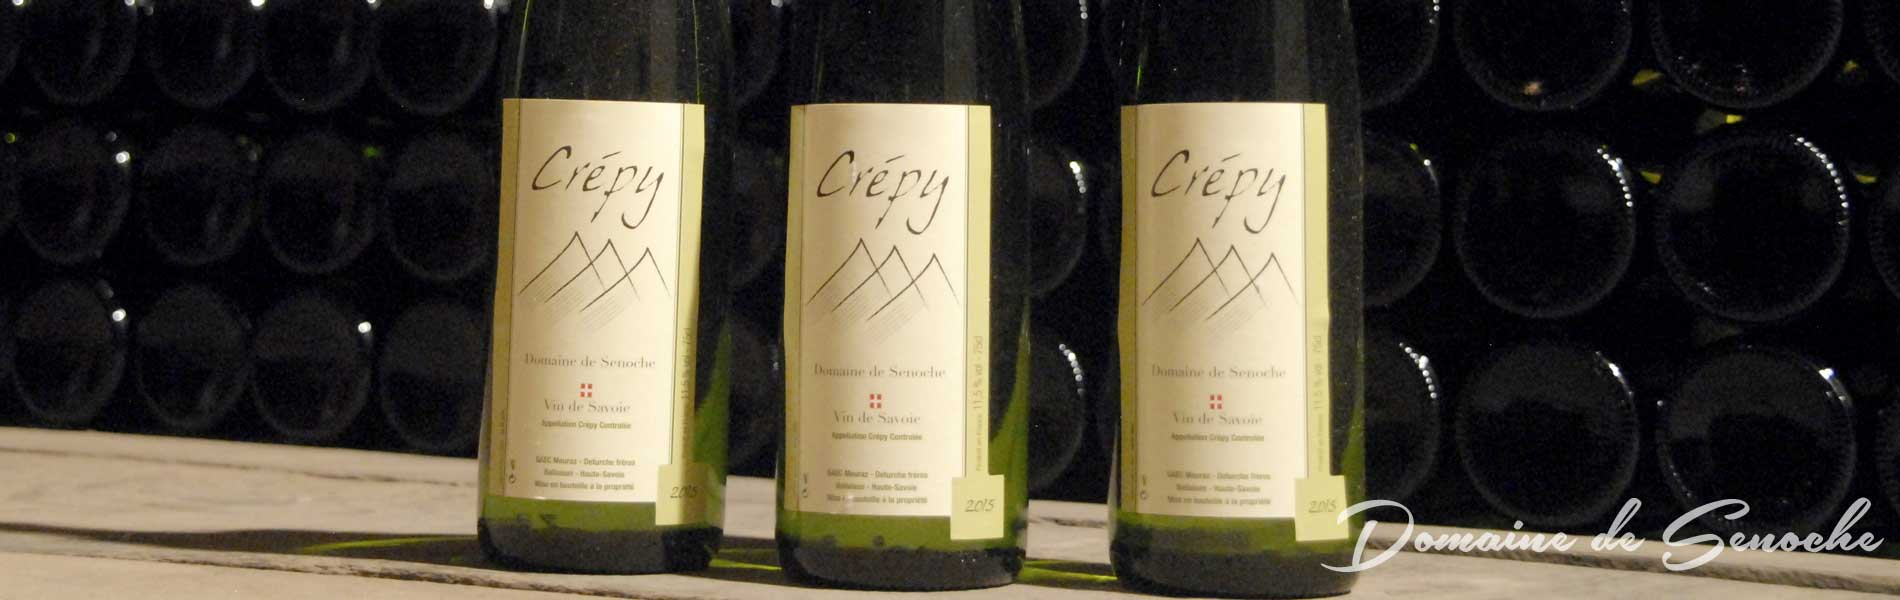 Appellation d'Origine Contrôlée Vins de Savoie